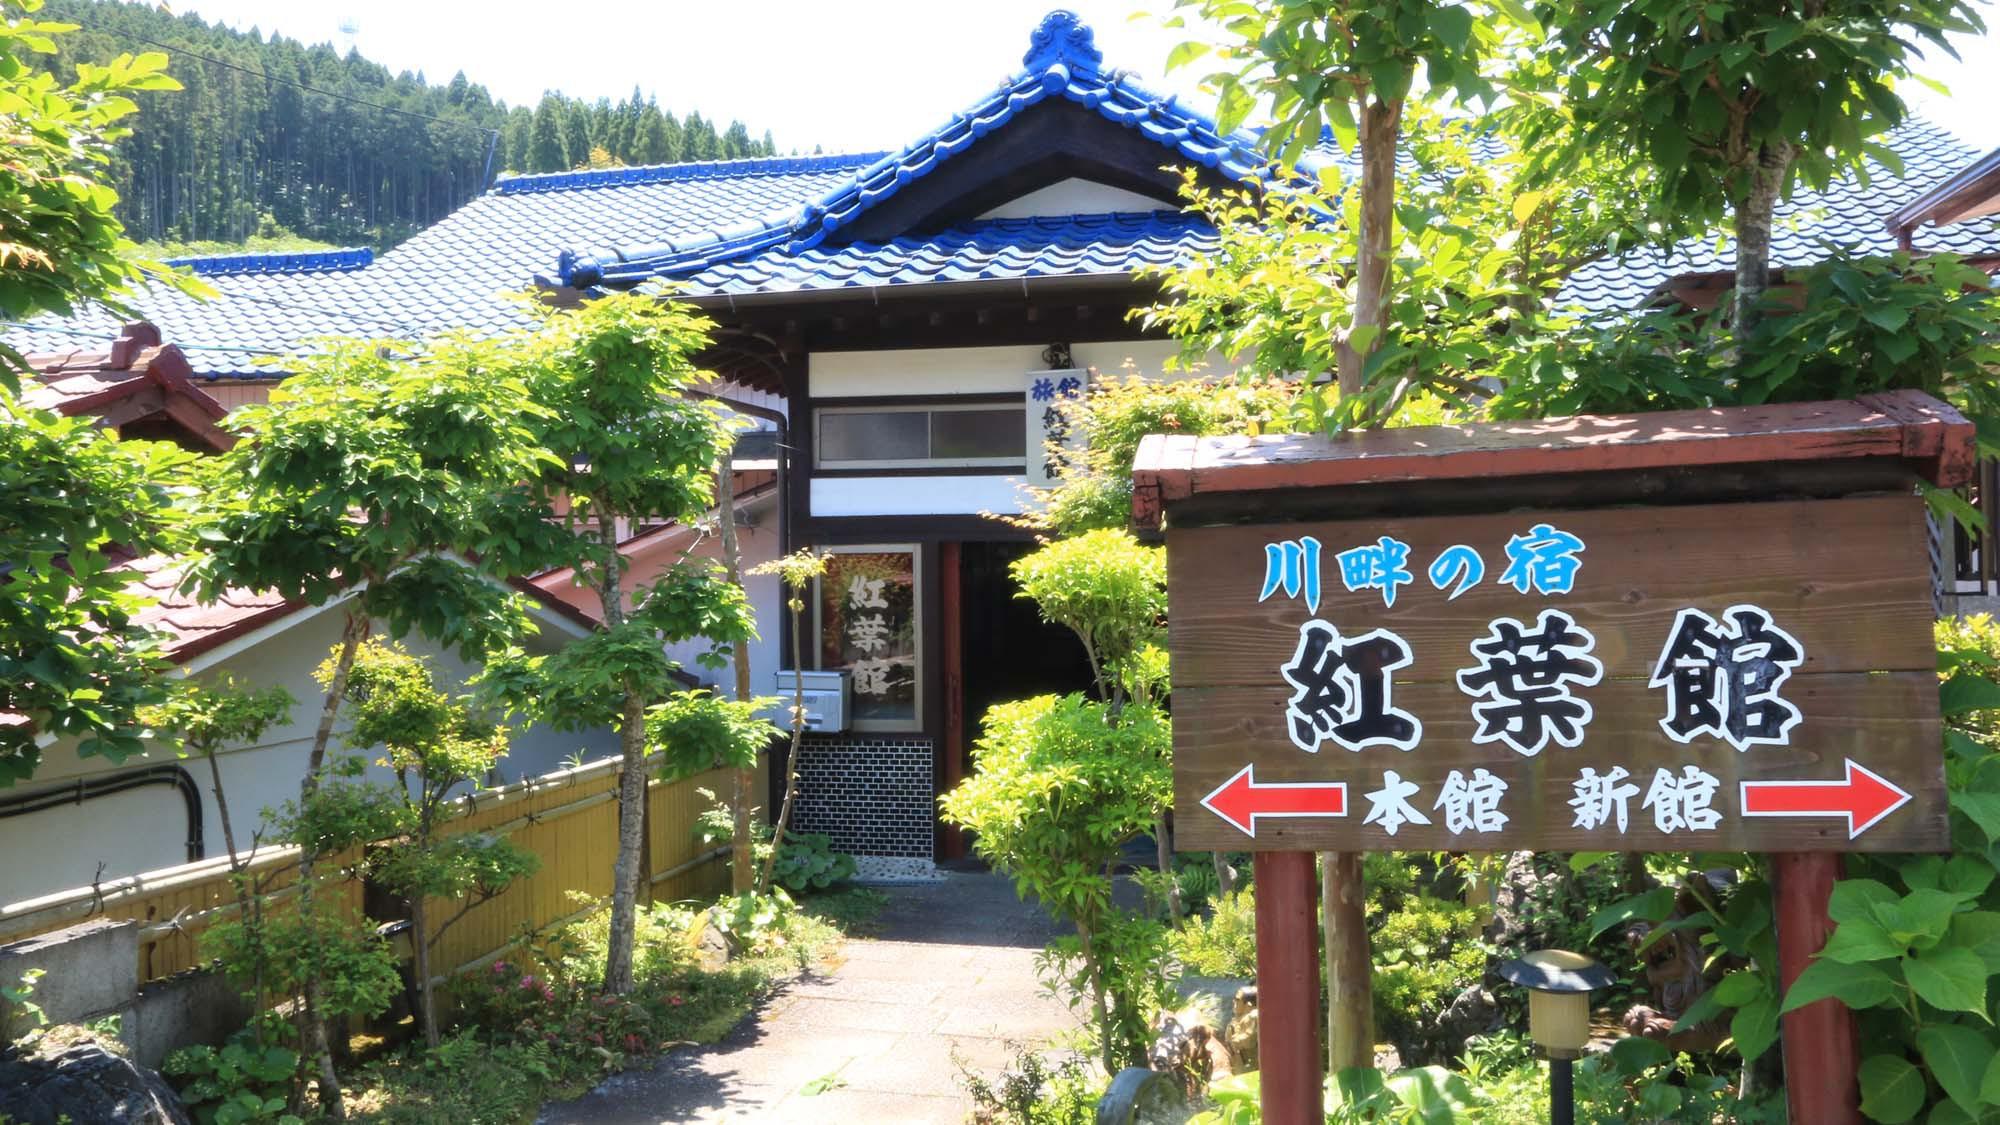 清流「芹川」添いにある、昭和8年建築の木造二階建て、古民家風の老舗旅館です。